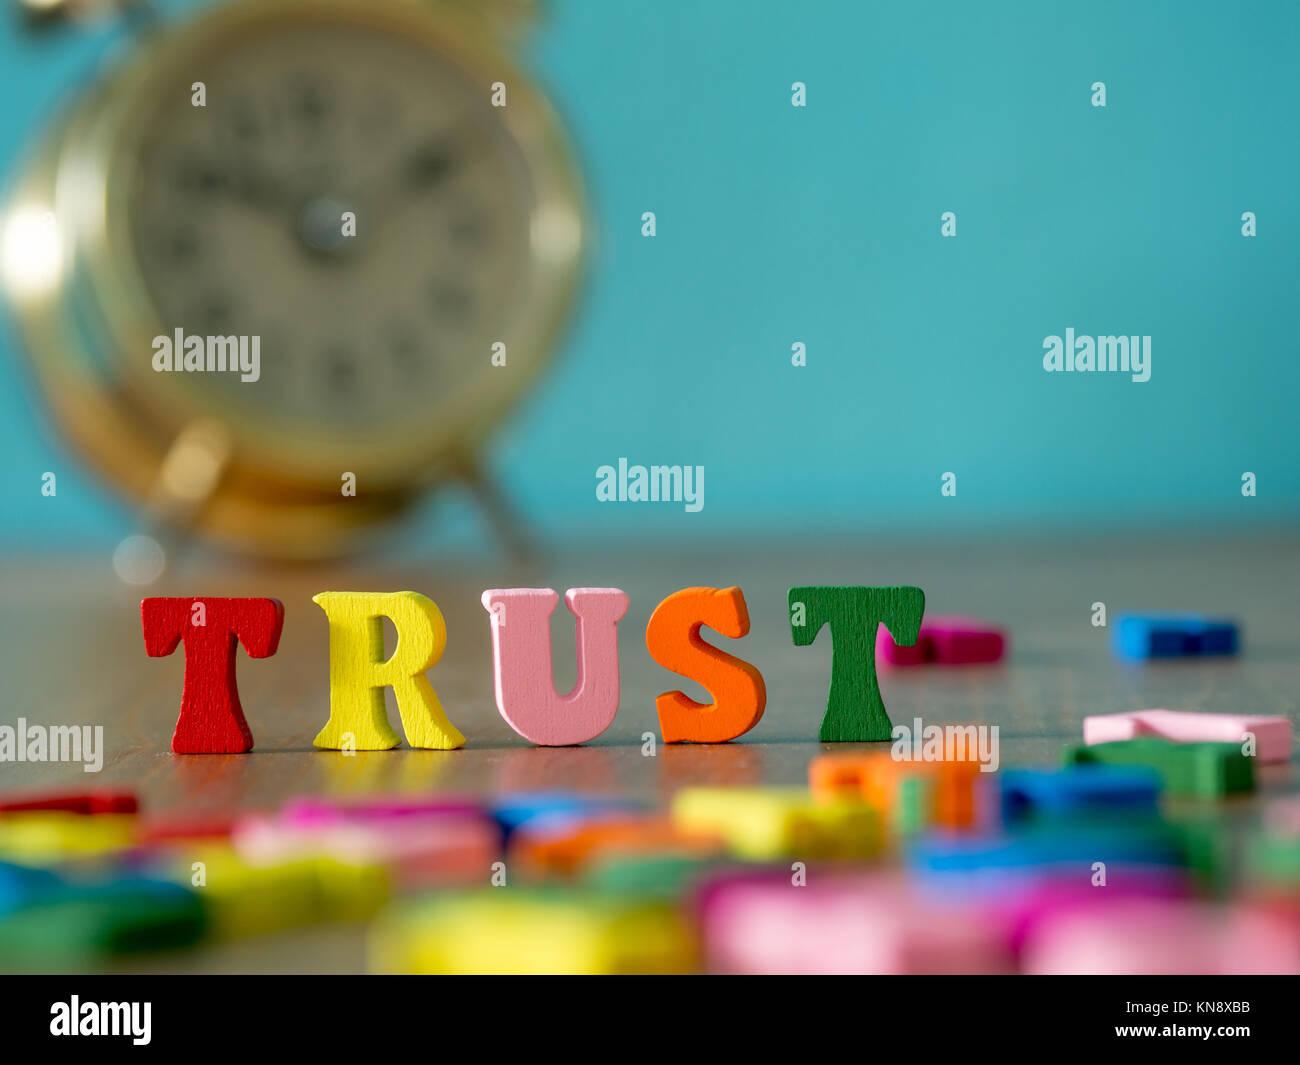 La confianza. Alfabeto inglés hechas de madera color de letra. Alfabeto confianza sobre mesa de madera y vintage Imagen De Stock